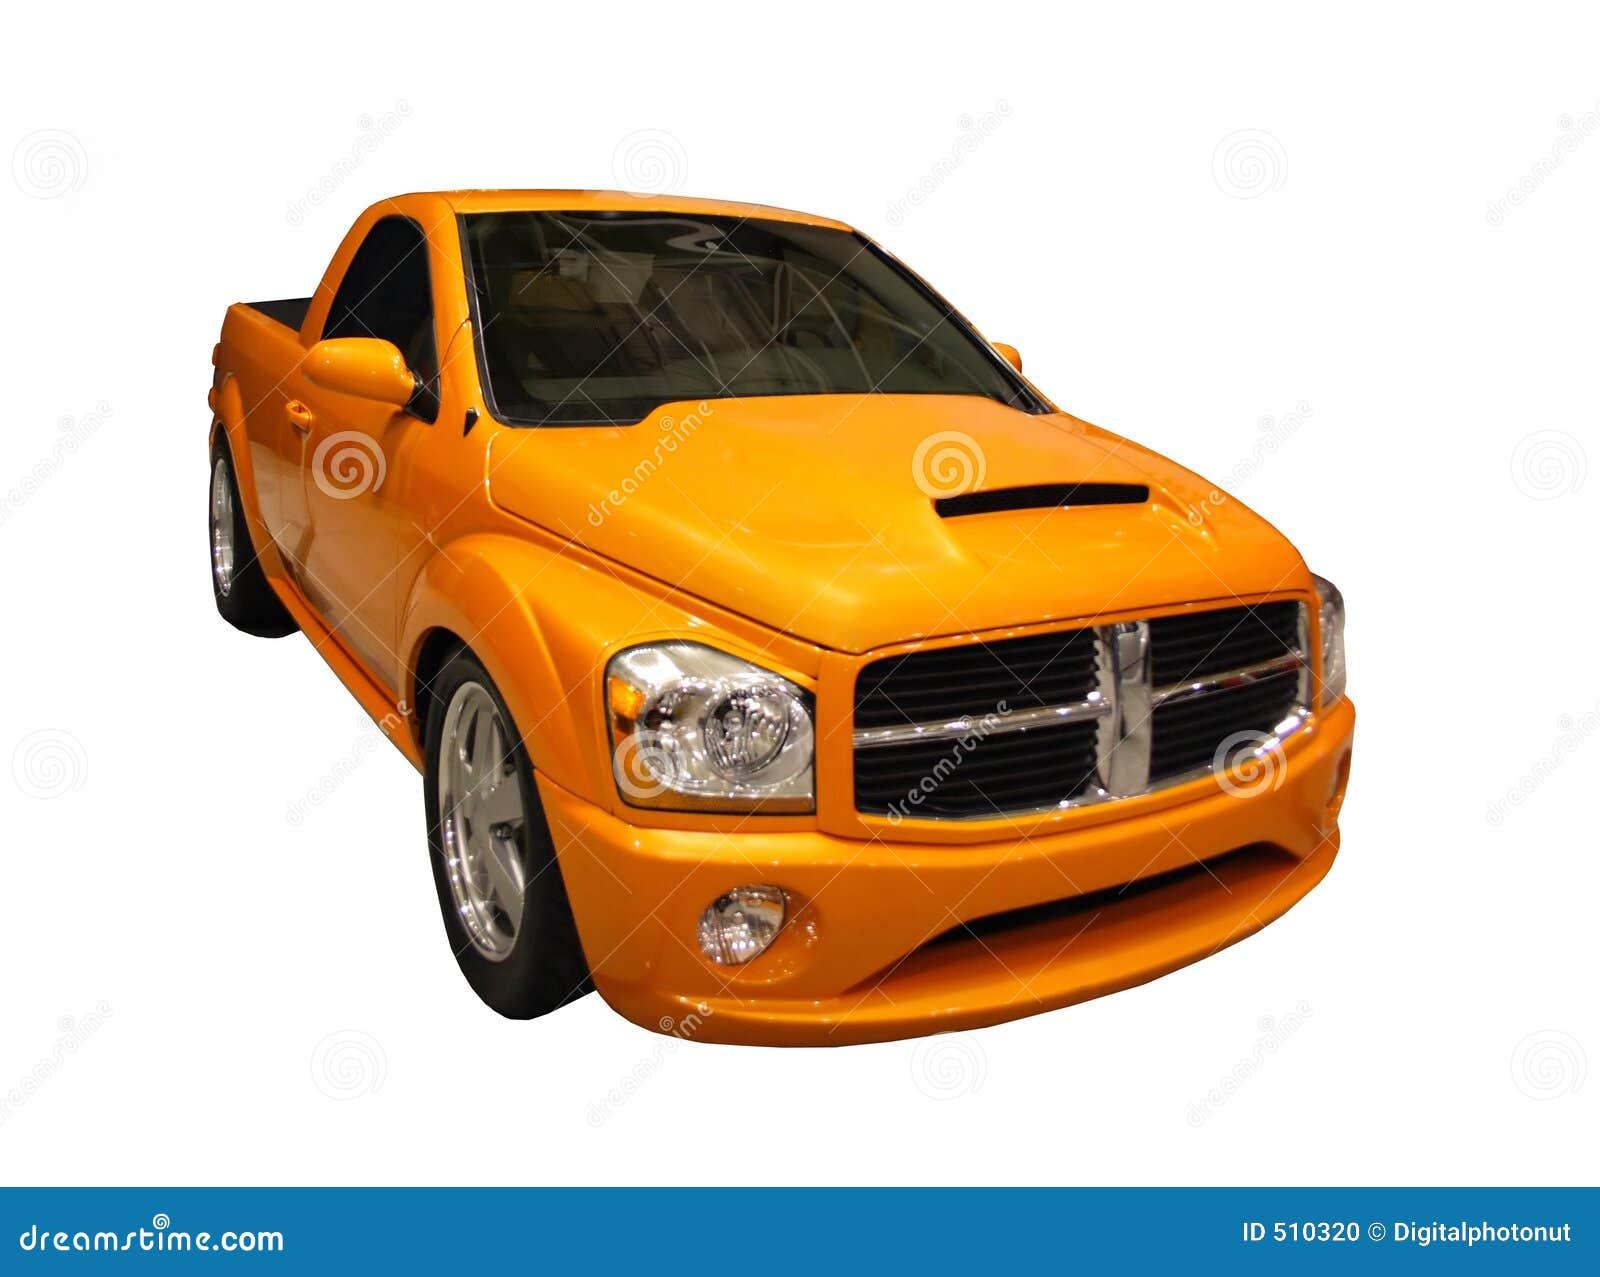 додж изолированный над желтым цветом штосселя приемистости sporty белым